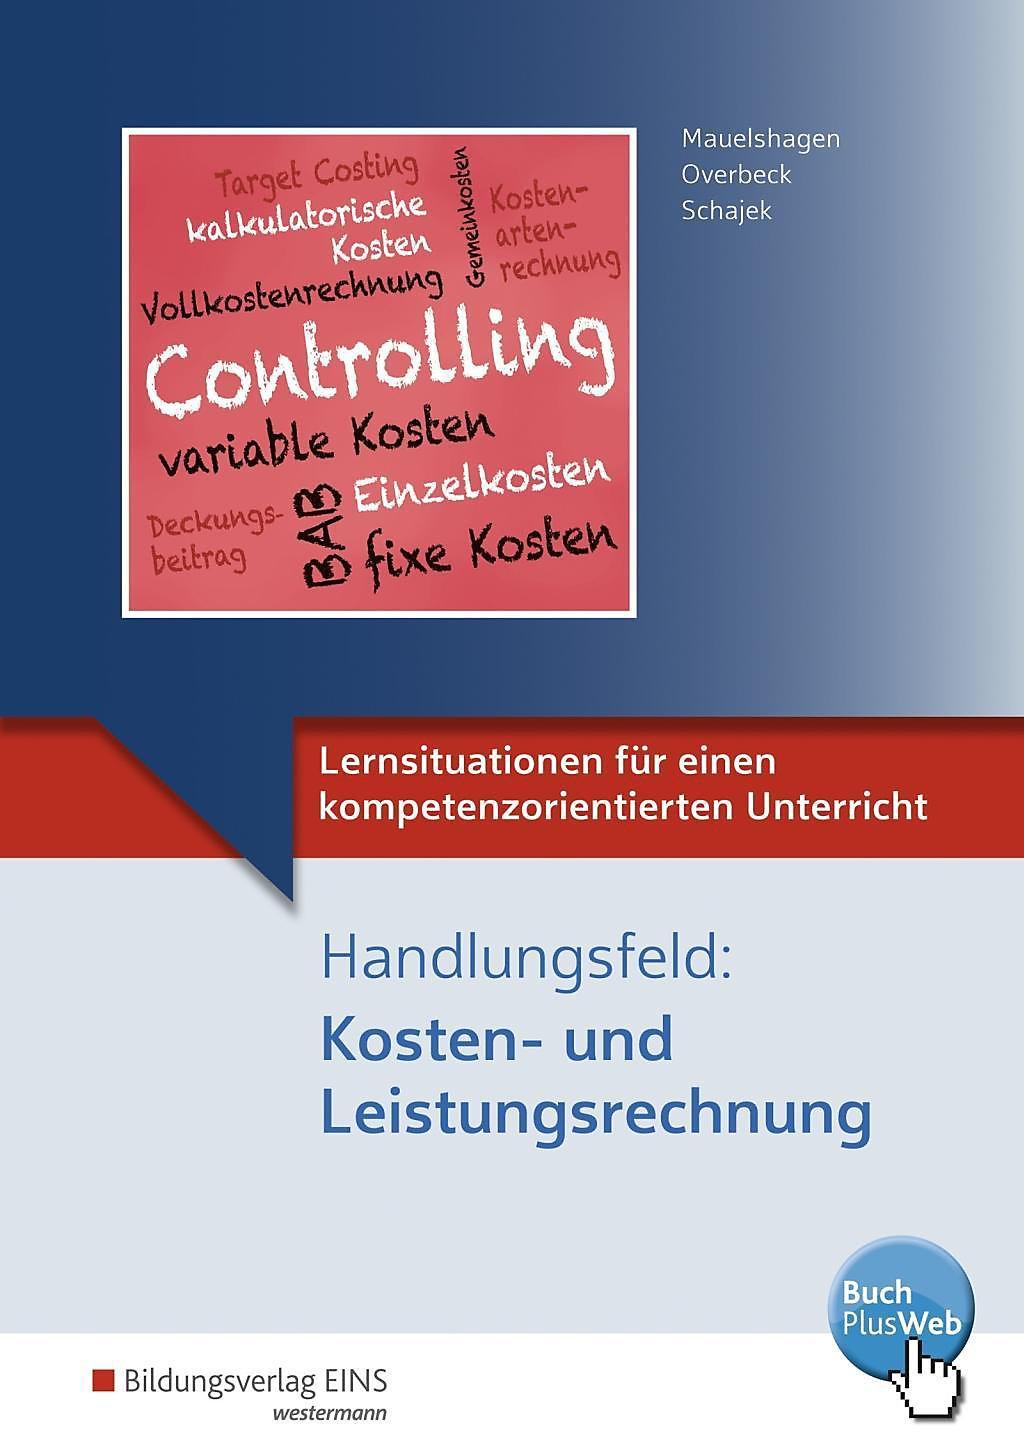 Lernsituationen für einen kompetenzorientierten Unterricht: Handlungsfeld:  Kosten und Leistungsrechnung